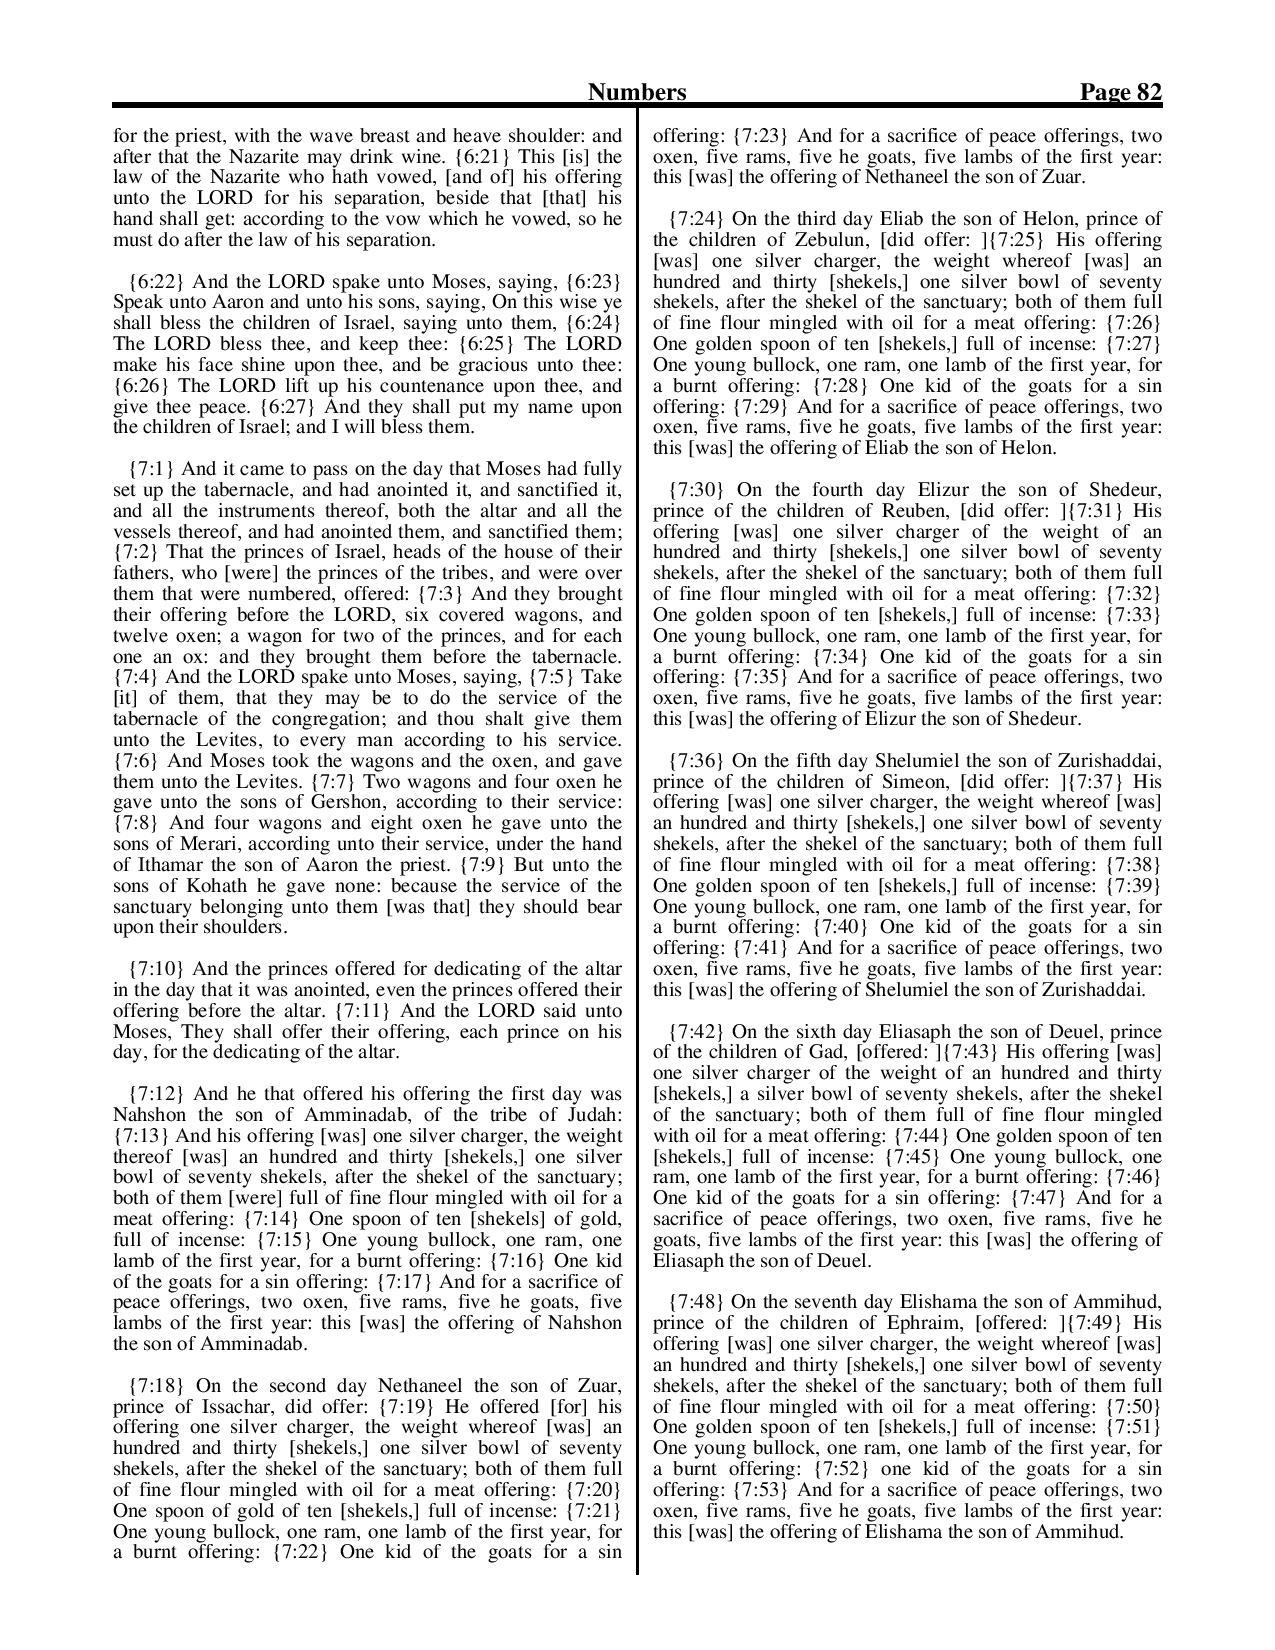 King-James-Bible-KJV-Bible-PDF-page-103